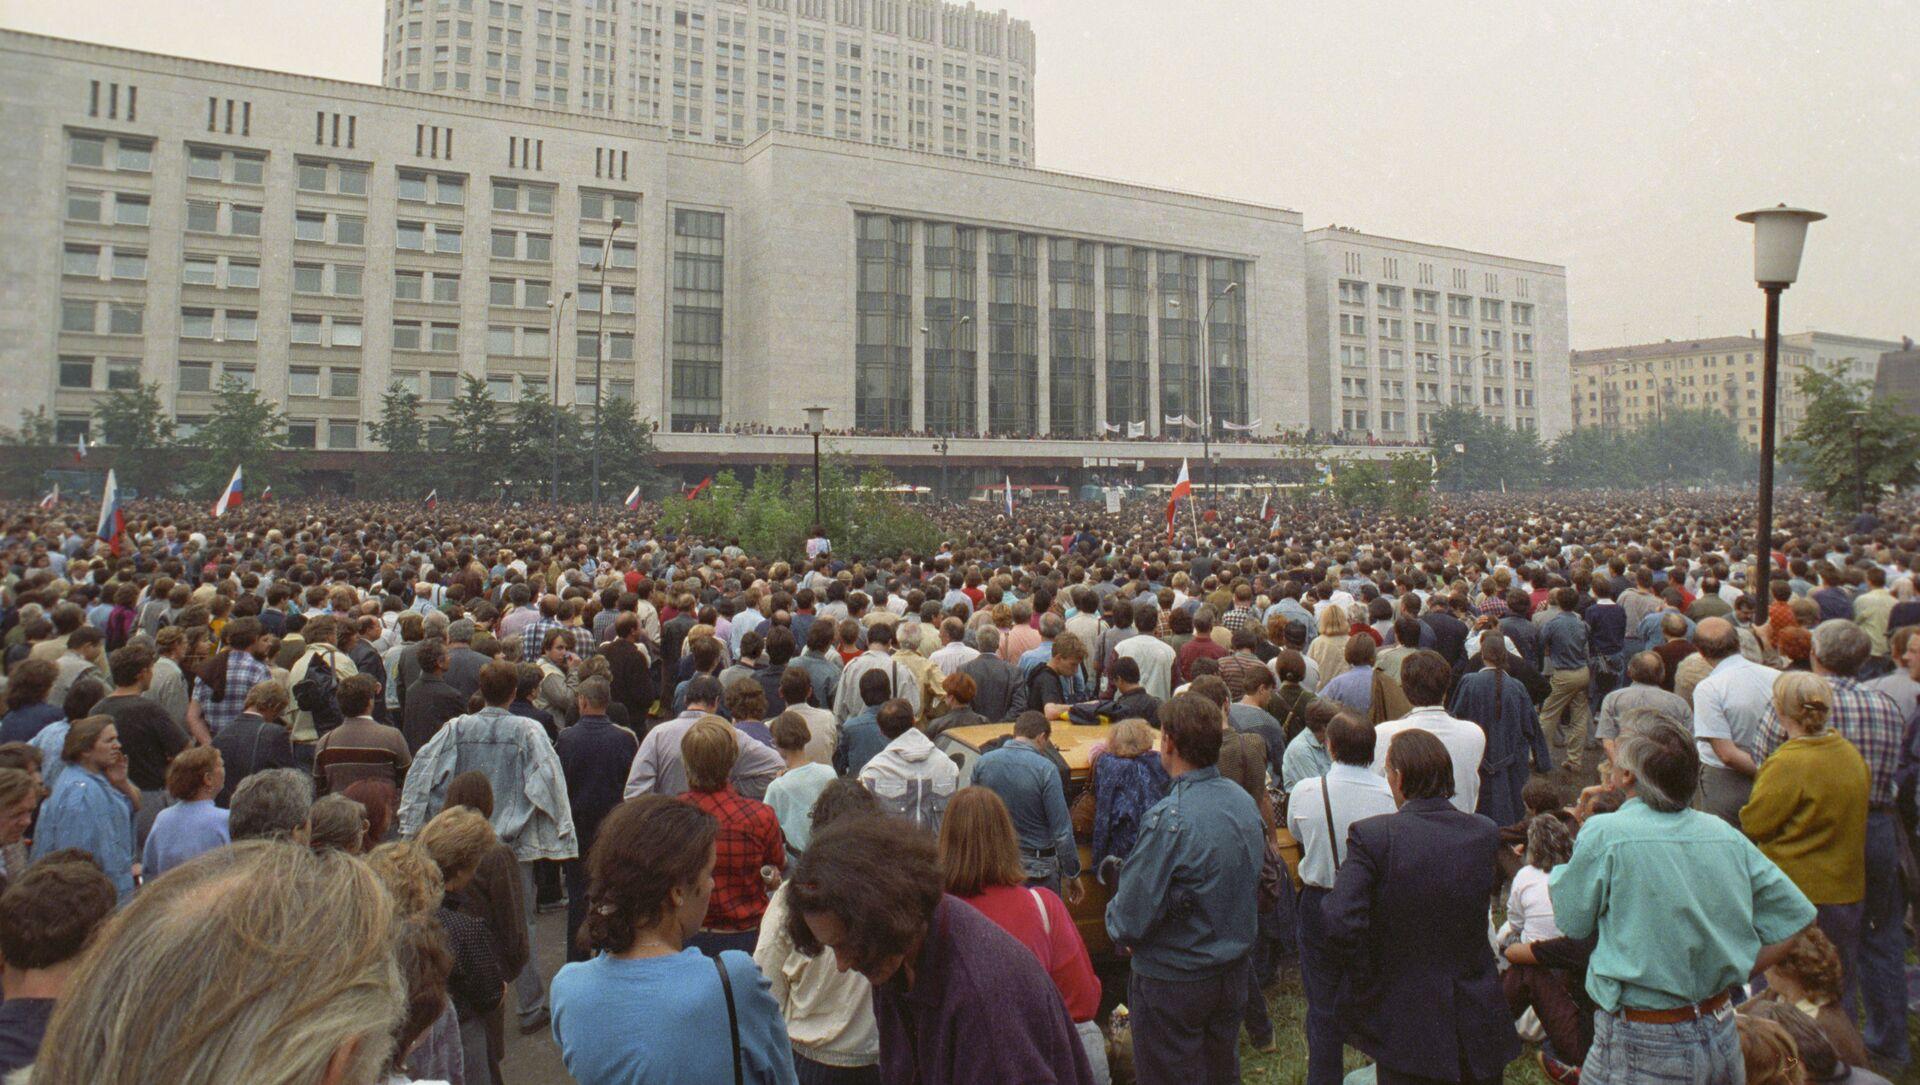 Манифестация у здания Верховного Совета РСФСР под названием Акция в защиту Белого дома, 19 августа 1991 года - Sputnik Азербайджан, 1920, 23.08.2021